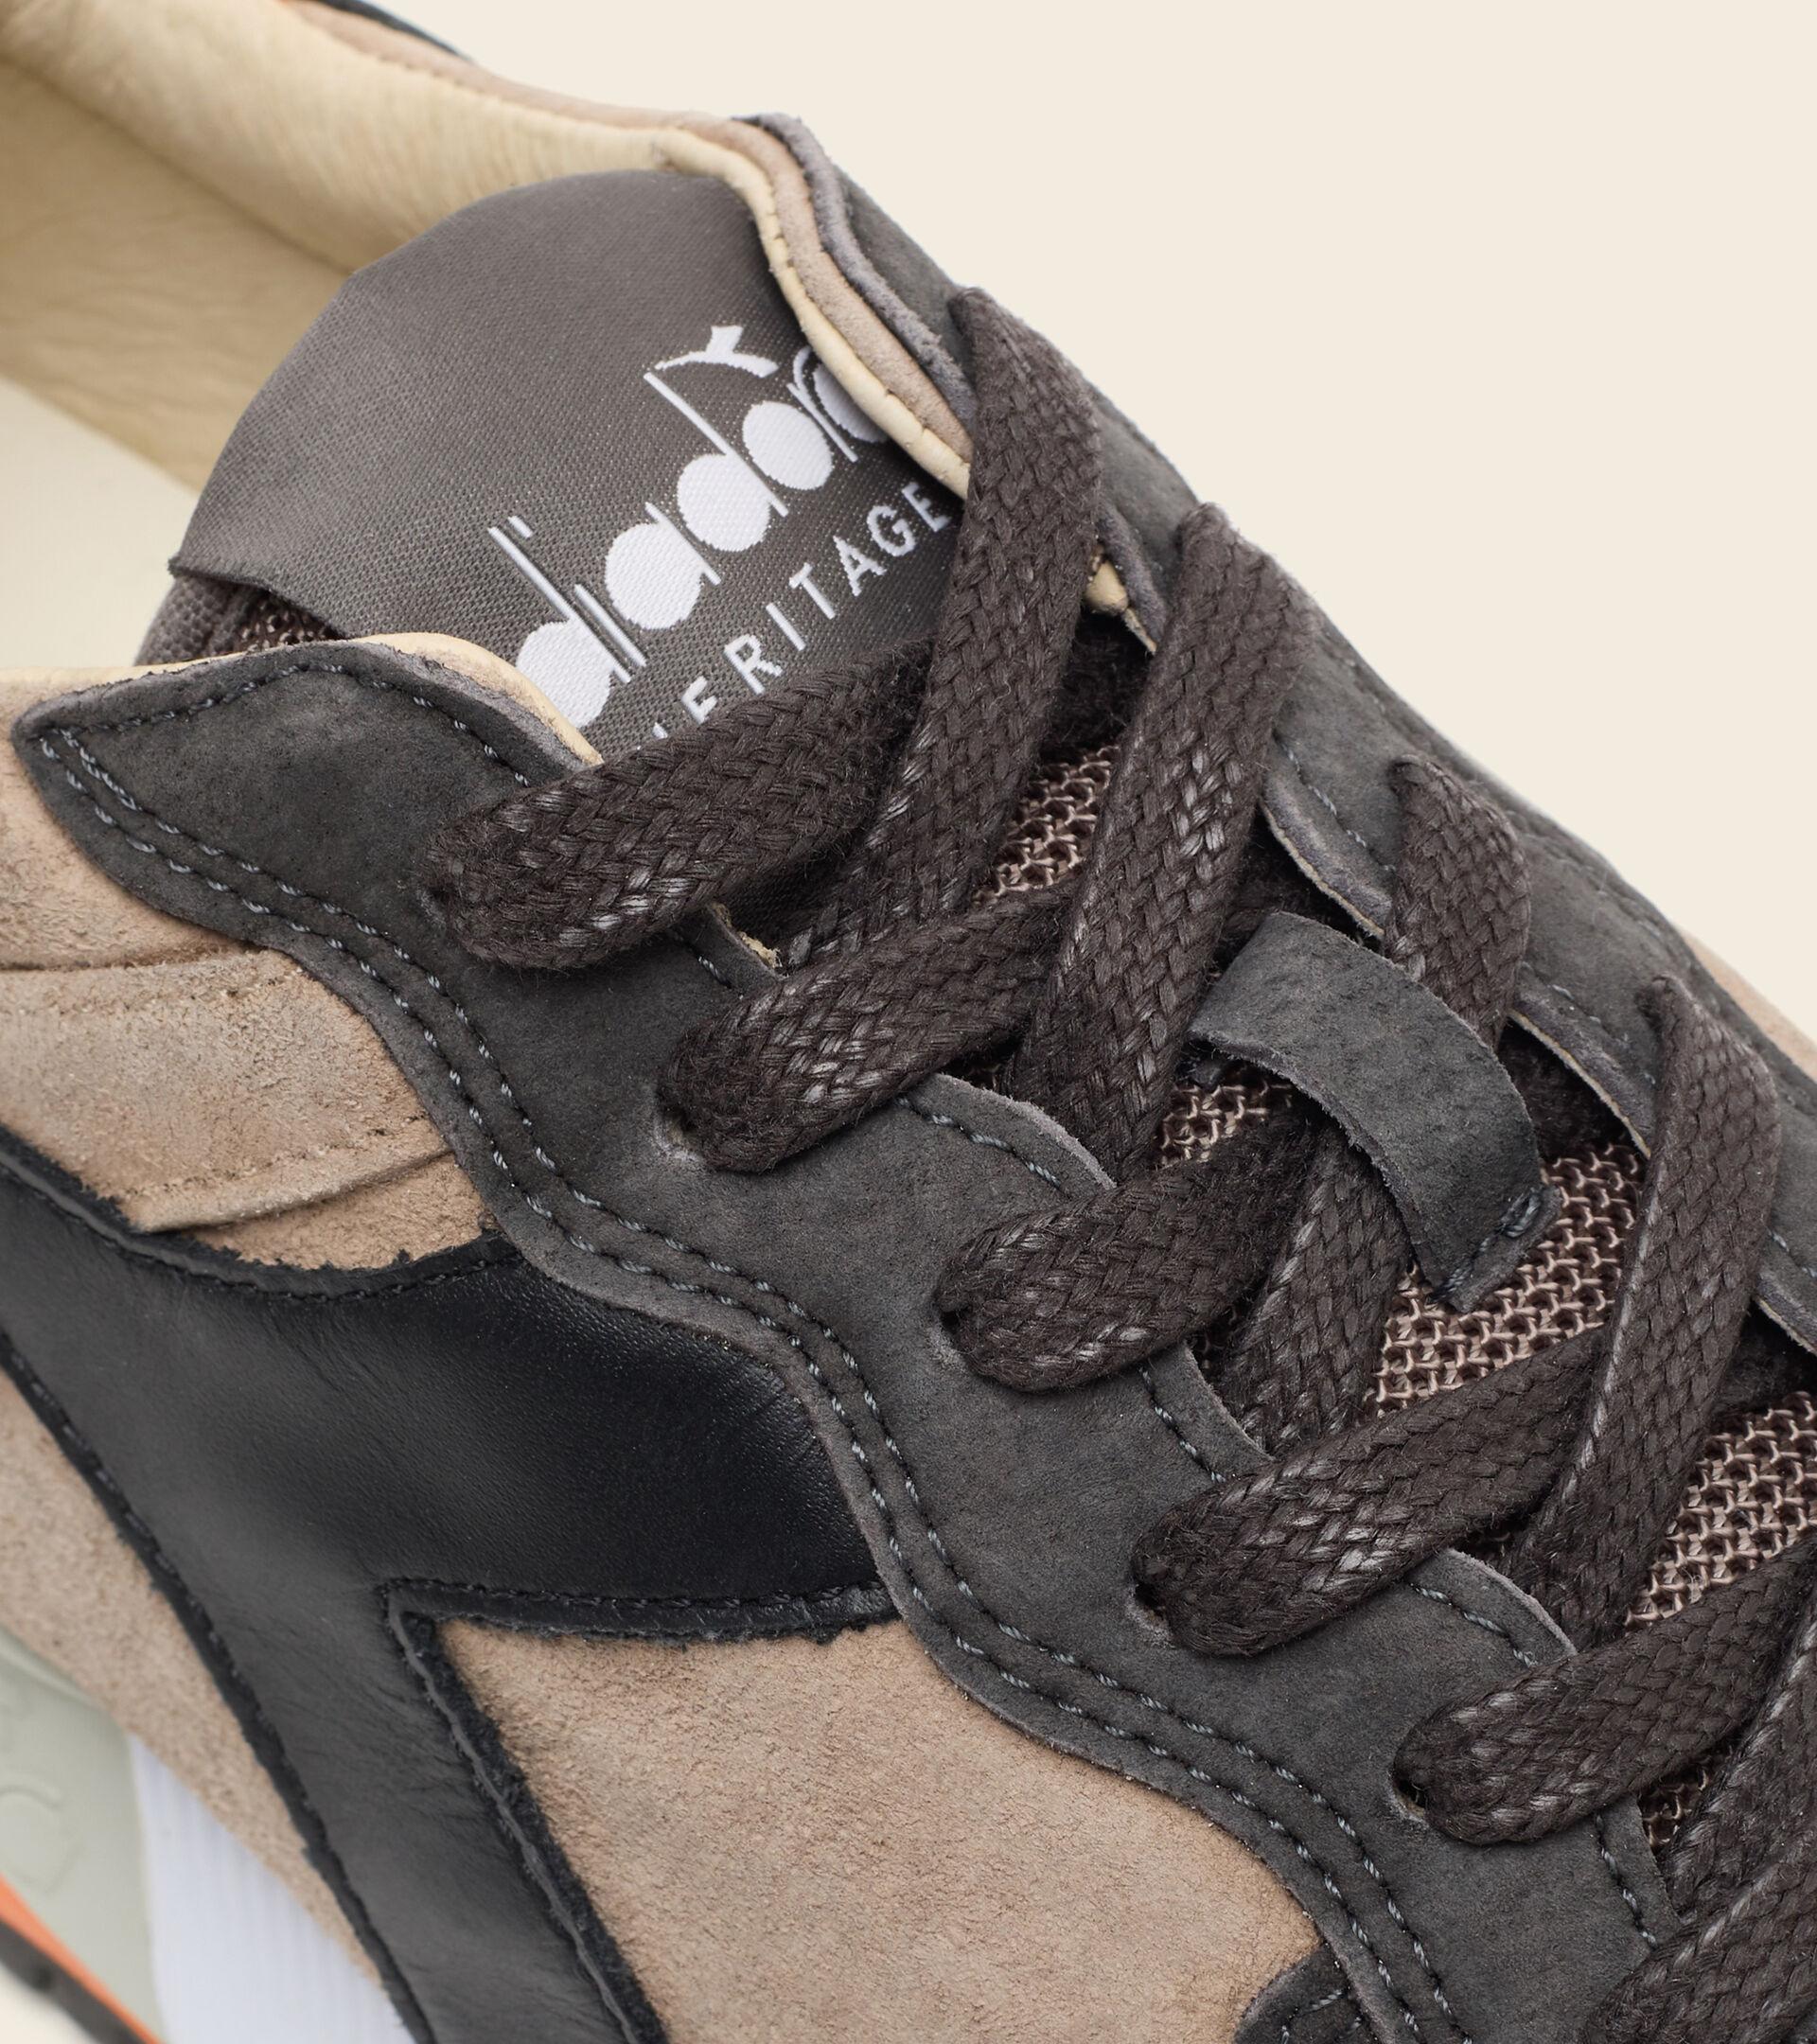 Zapatilla Heritage Made in Italy - Hombre TRIDENT 90 SUEDE SW PLATA VISON - Diadora